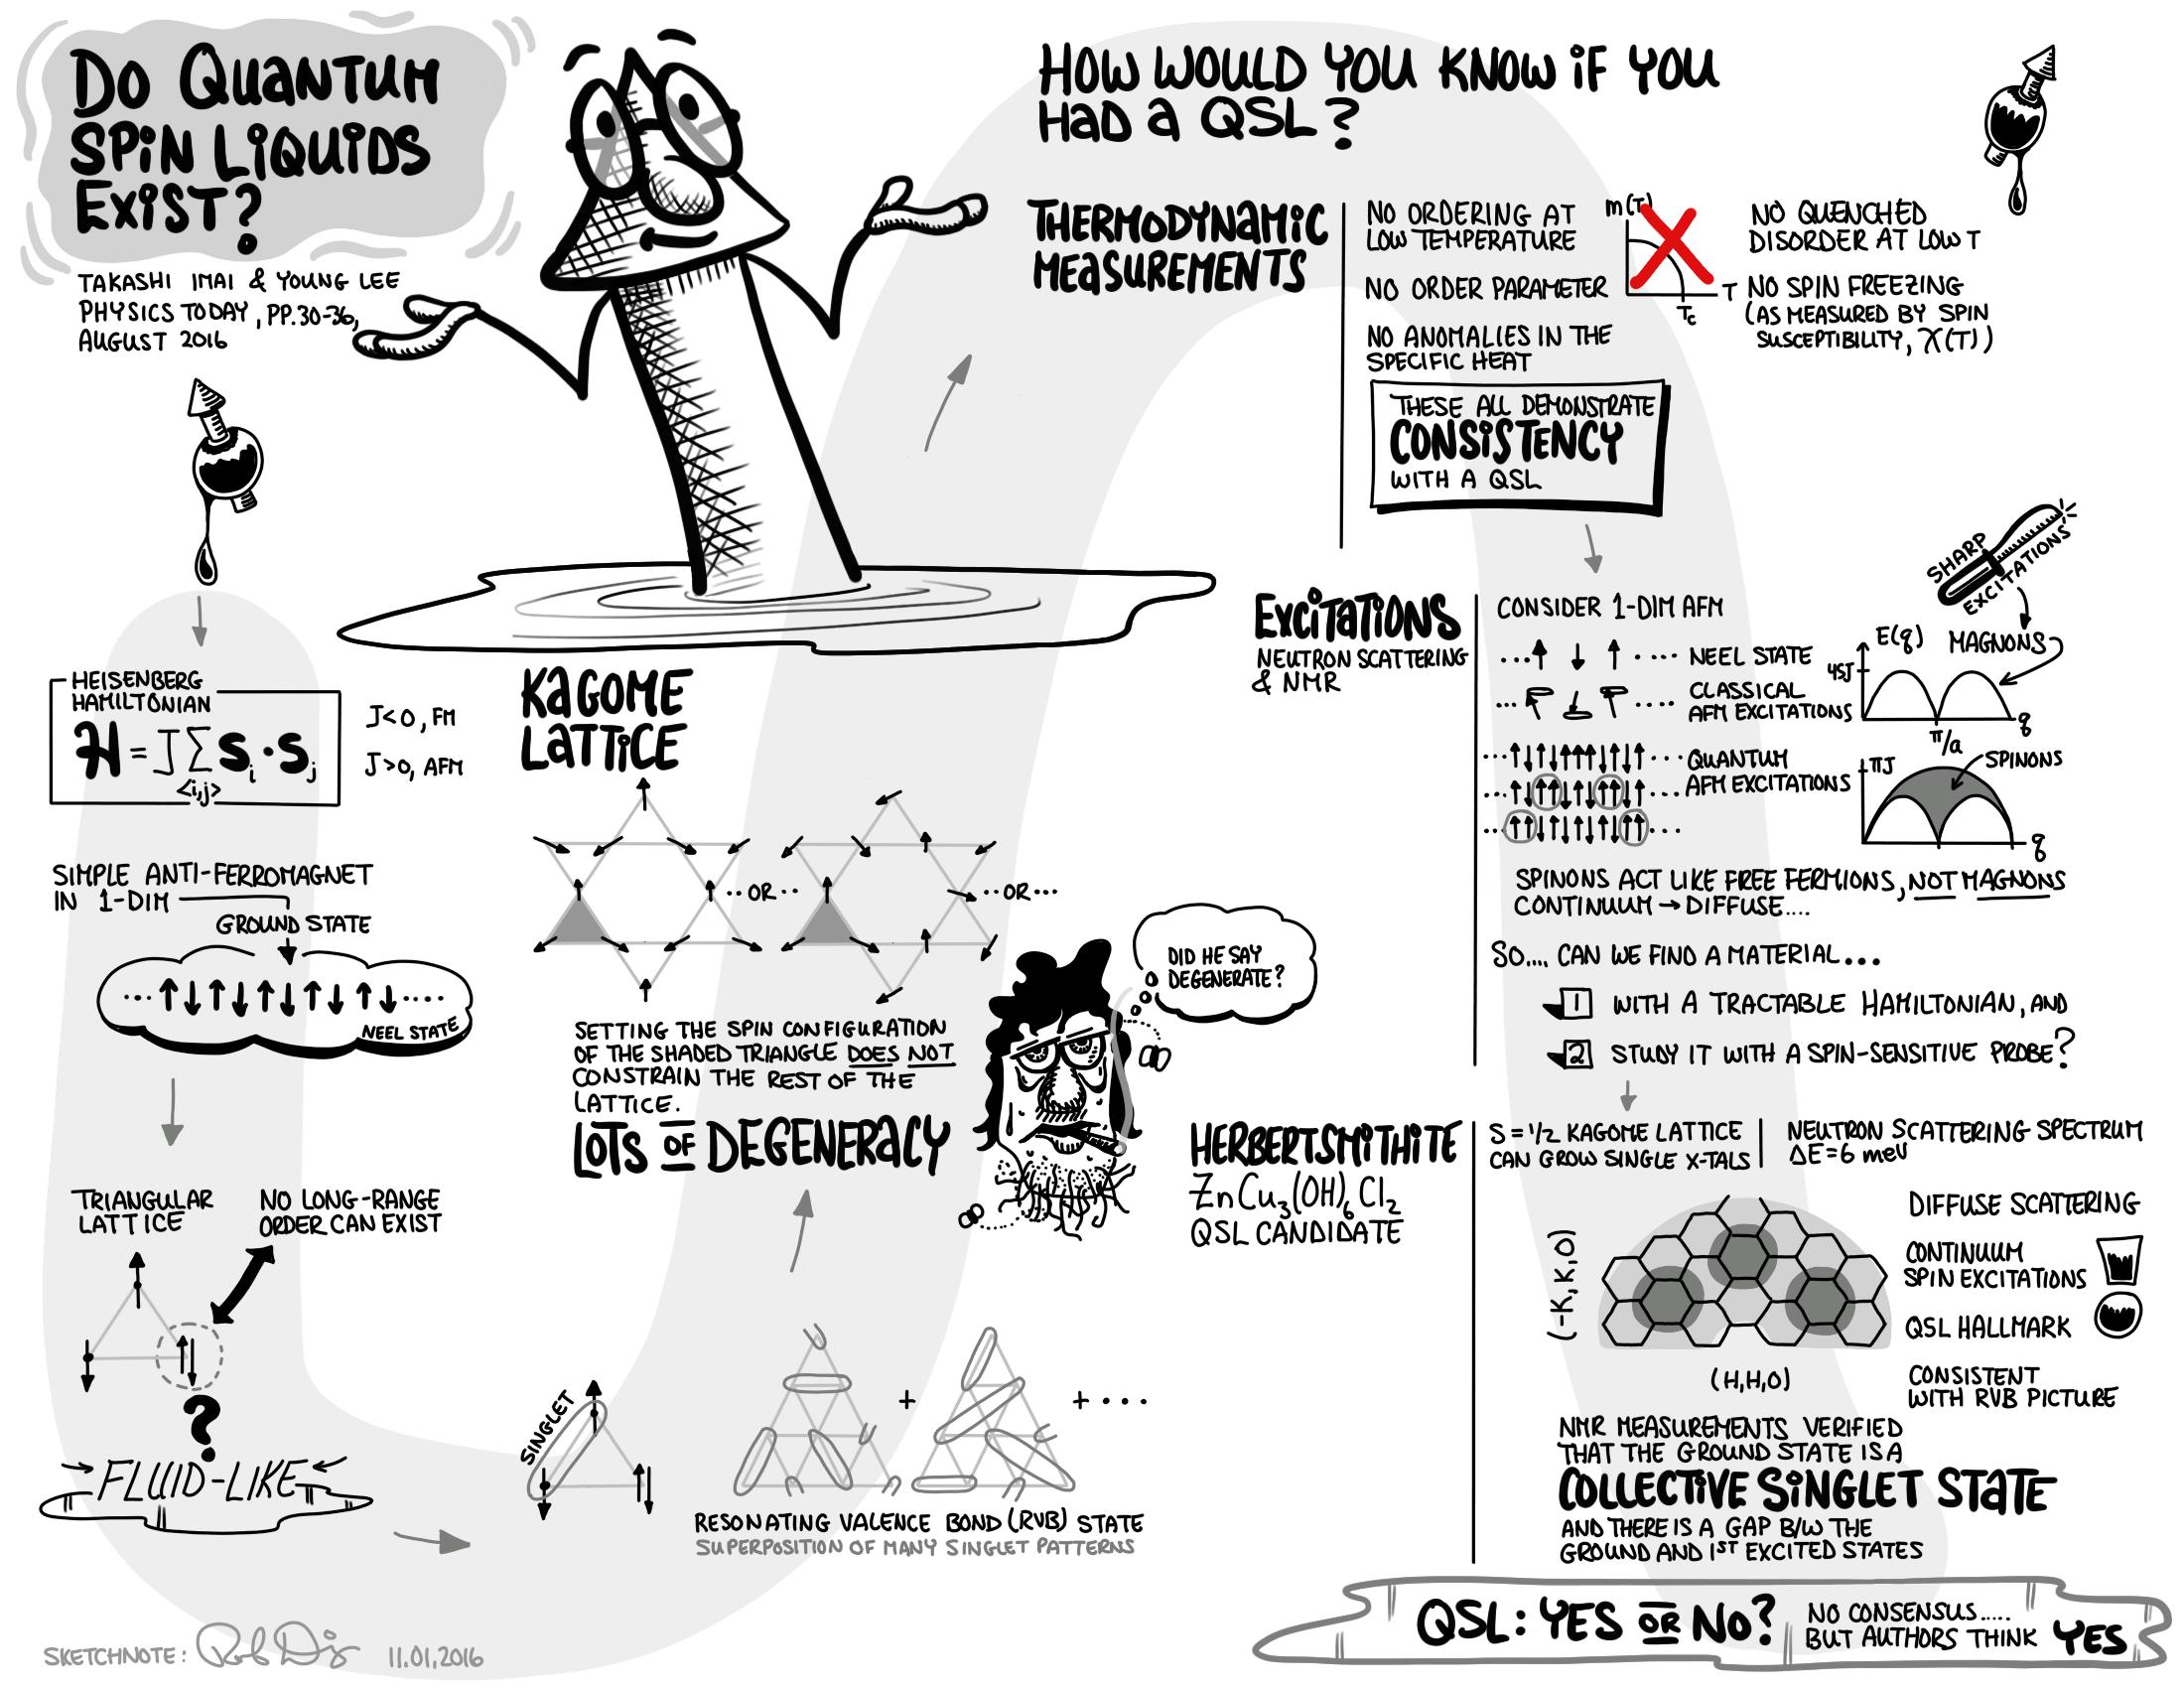 cartoon illustration about quantum spin liquids